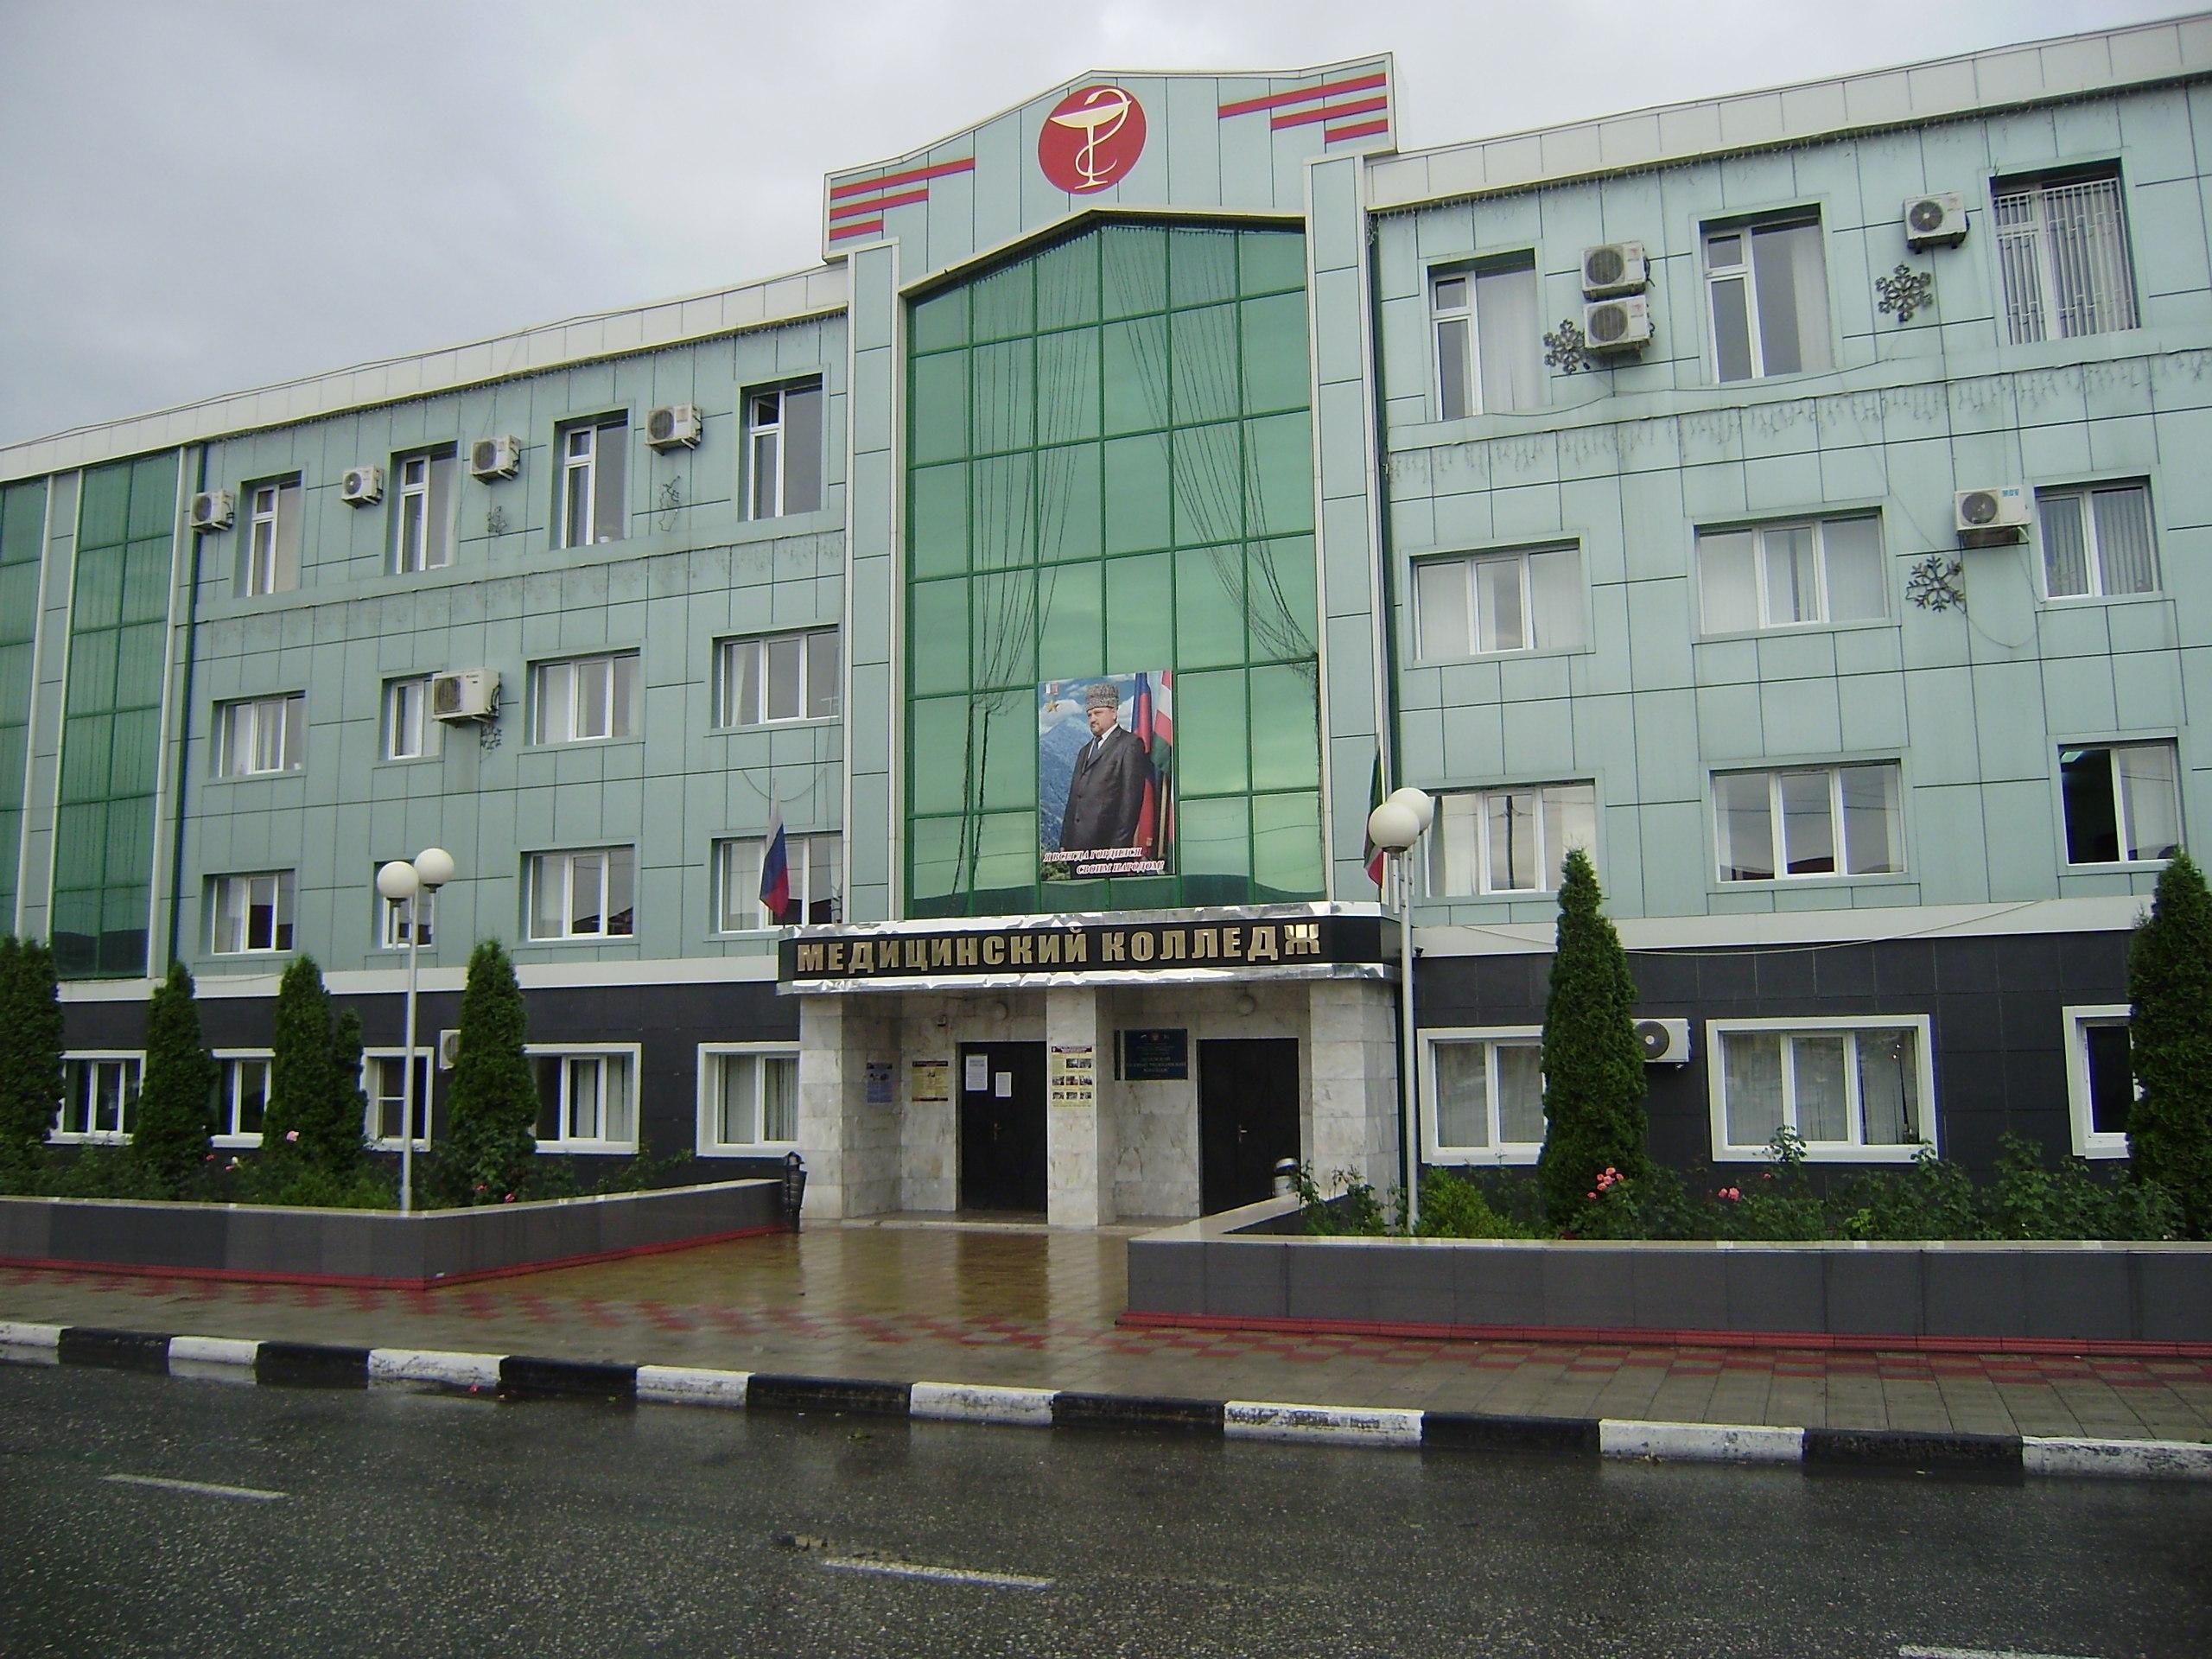 Государственное бюджетное профессиональное образовательное учреждение «Чеченский базовый медицинский колледж»